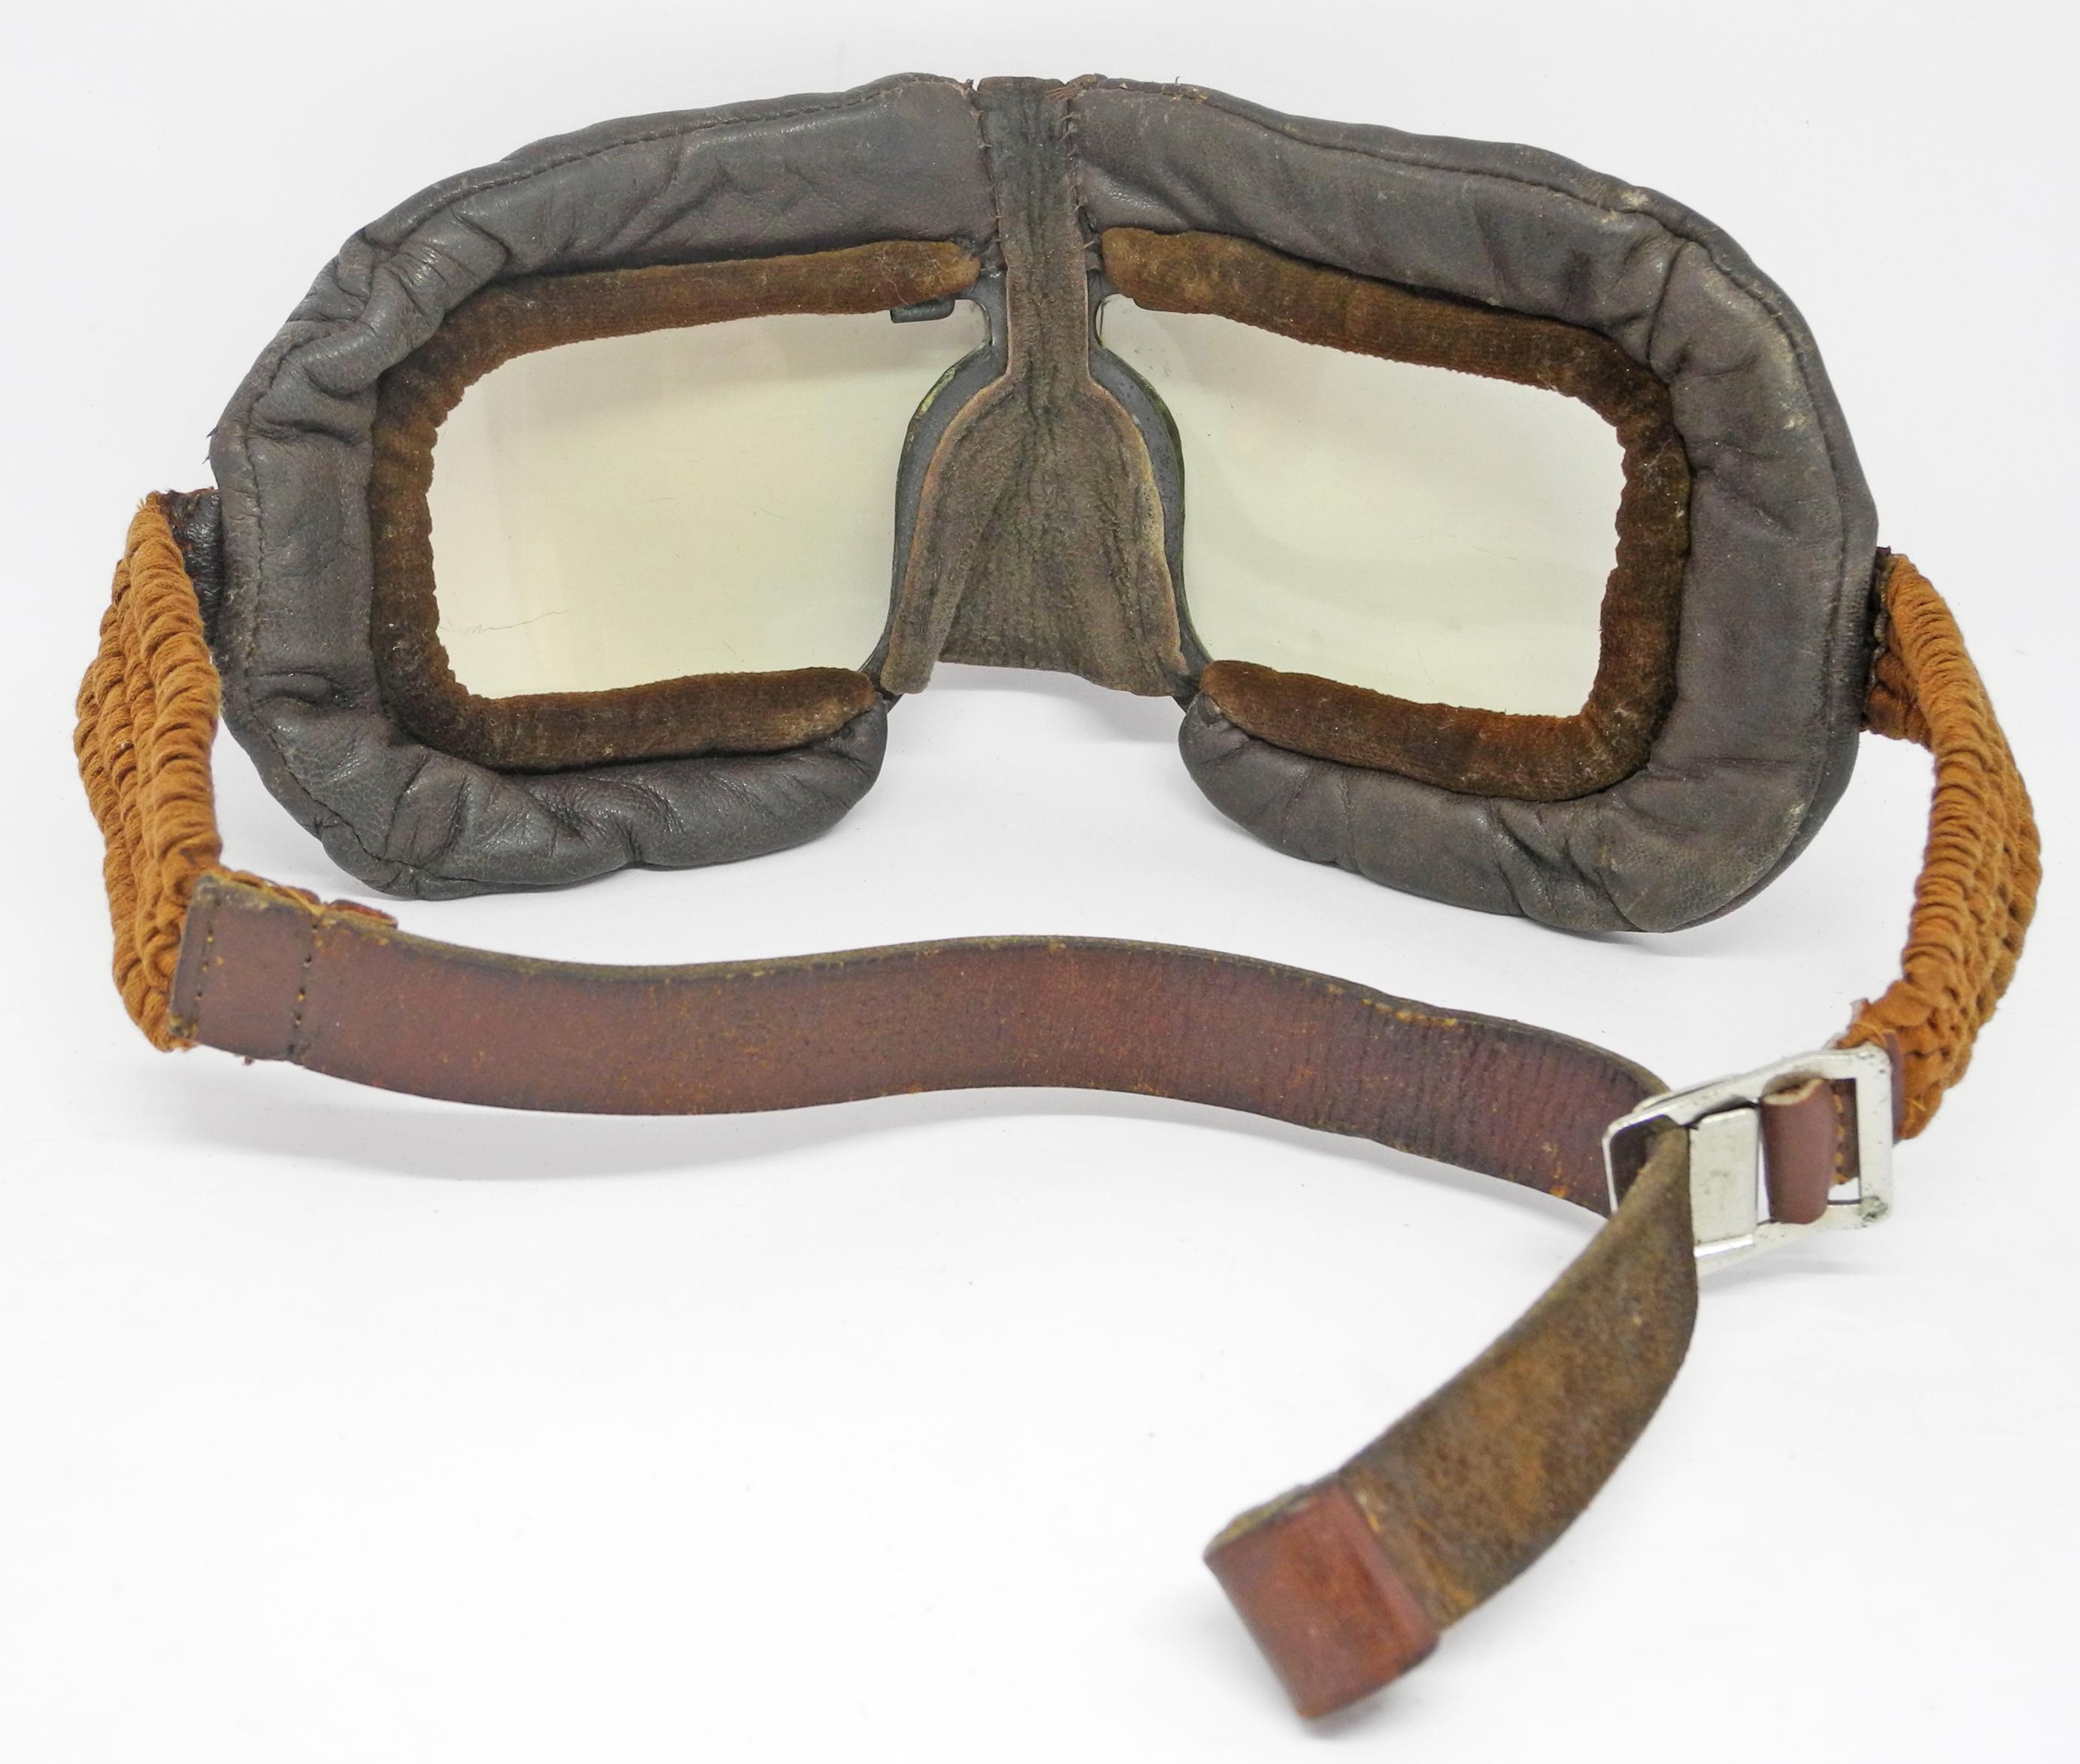 RAF Mk III goggles